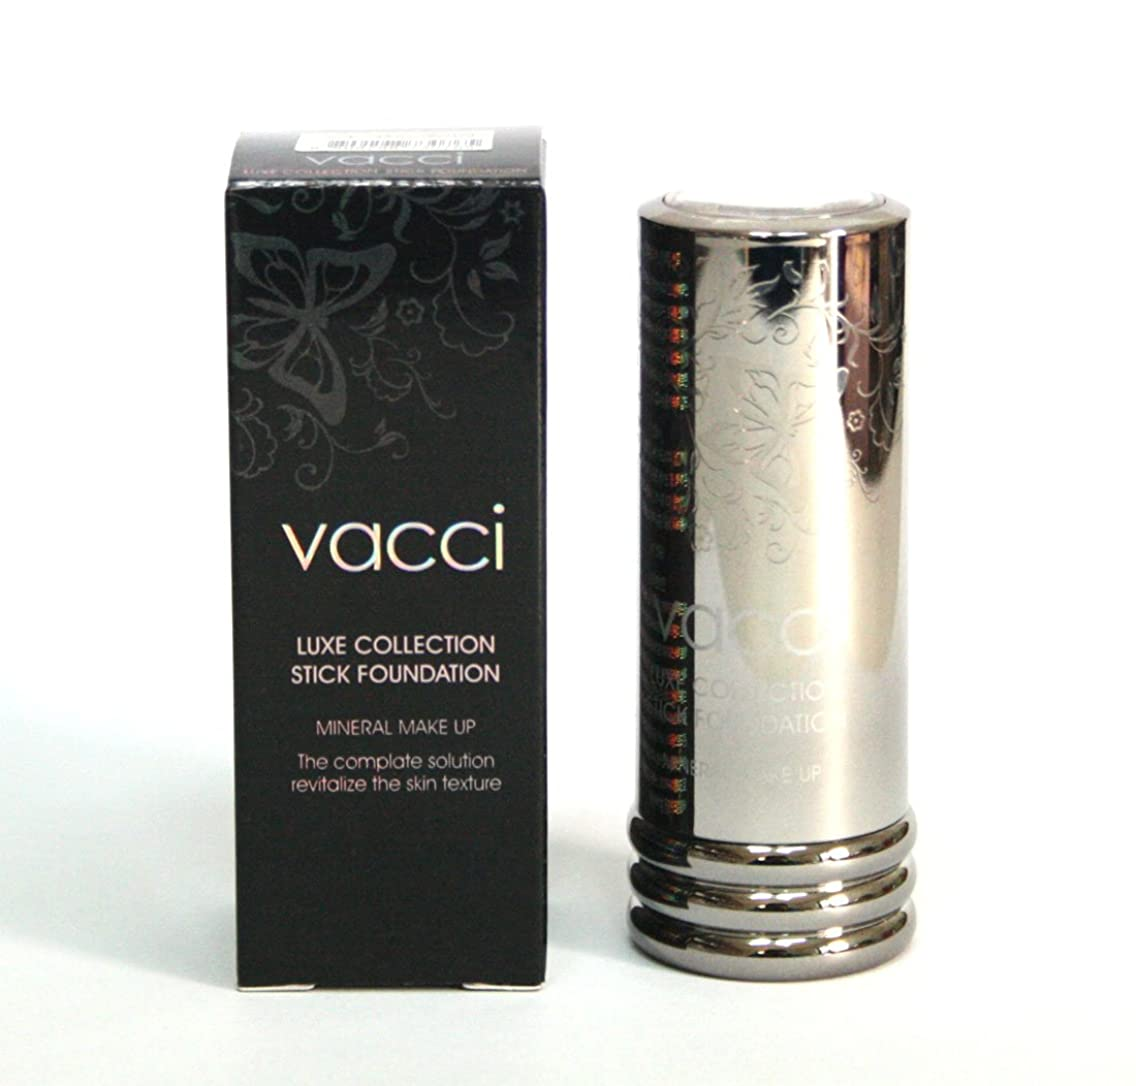 ビリー遷移剪断[VACCI] スティックファンデーション13g / LUXE COLLECTION Stick Foundation 13g / に皮脂コントロール / sebum control / #33ダークベージュ / #33 Dark beige/ 韓国化粧品 / Korean Cosmetics [並行輸入品]